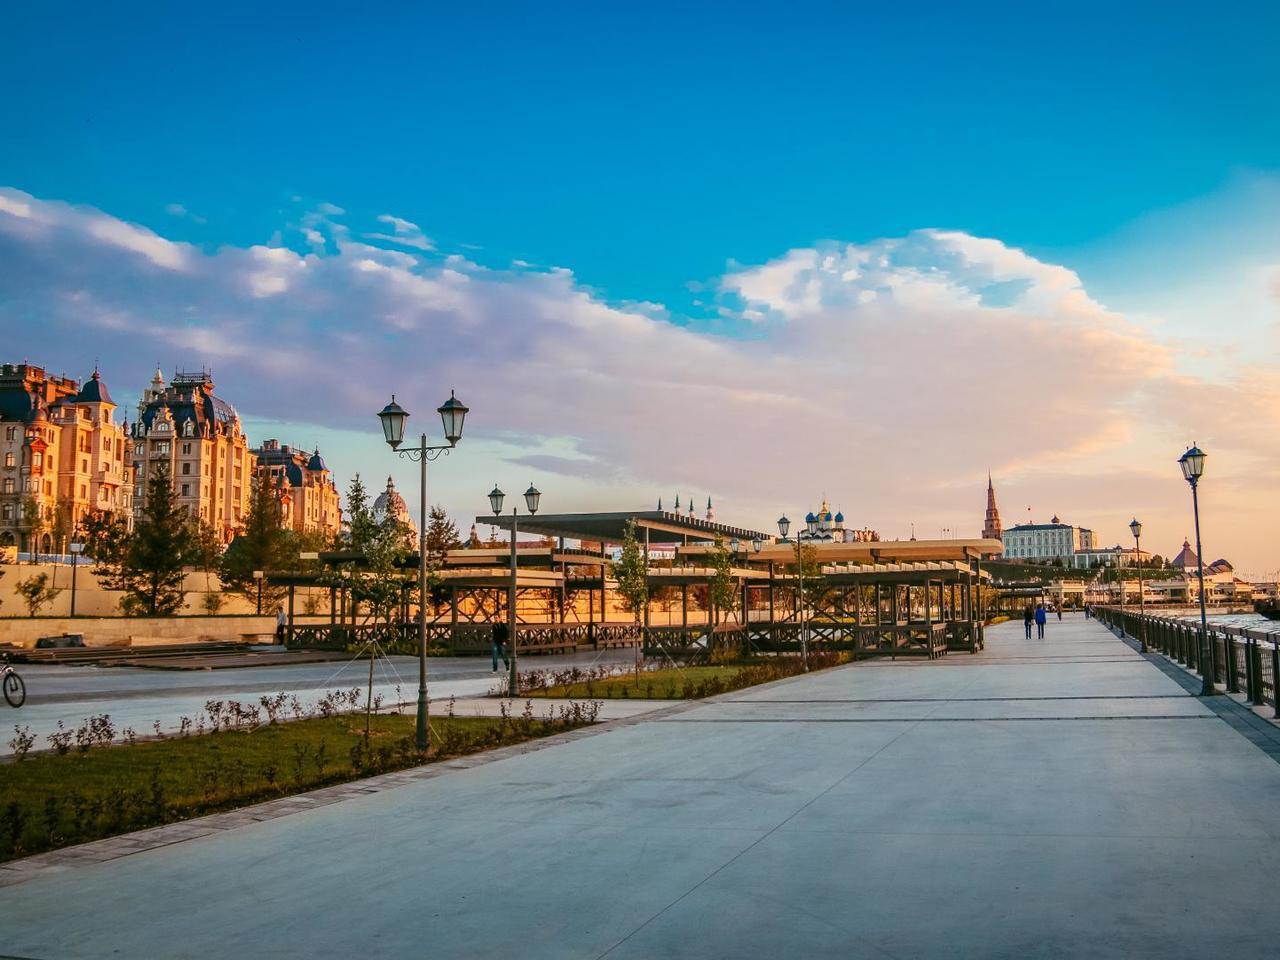 Кремлевская набережная, Казань